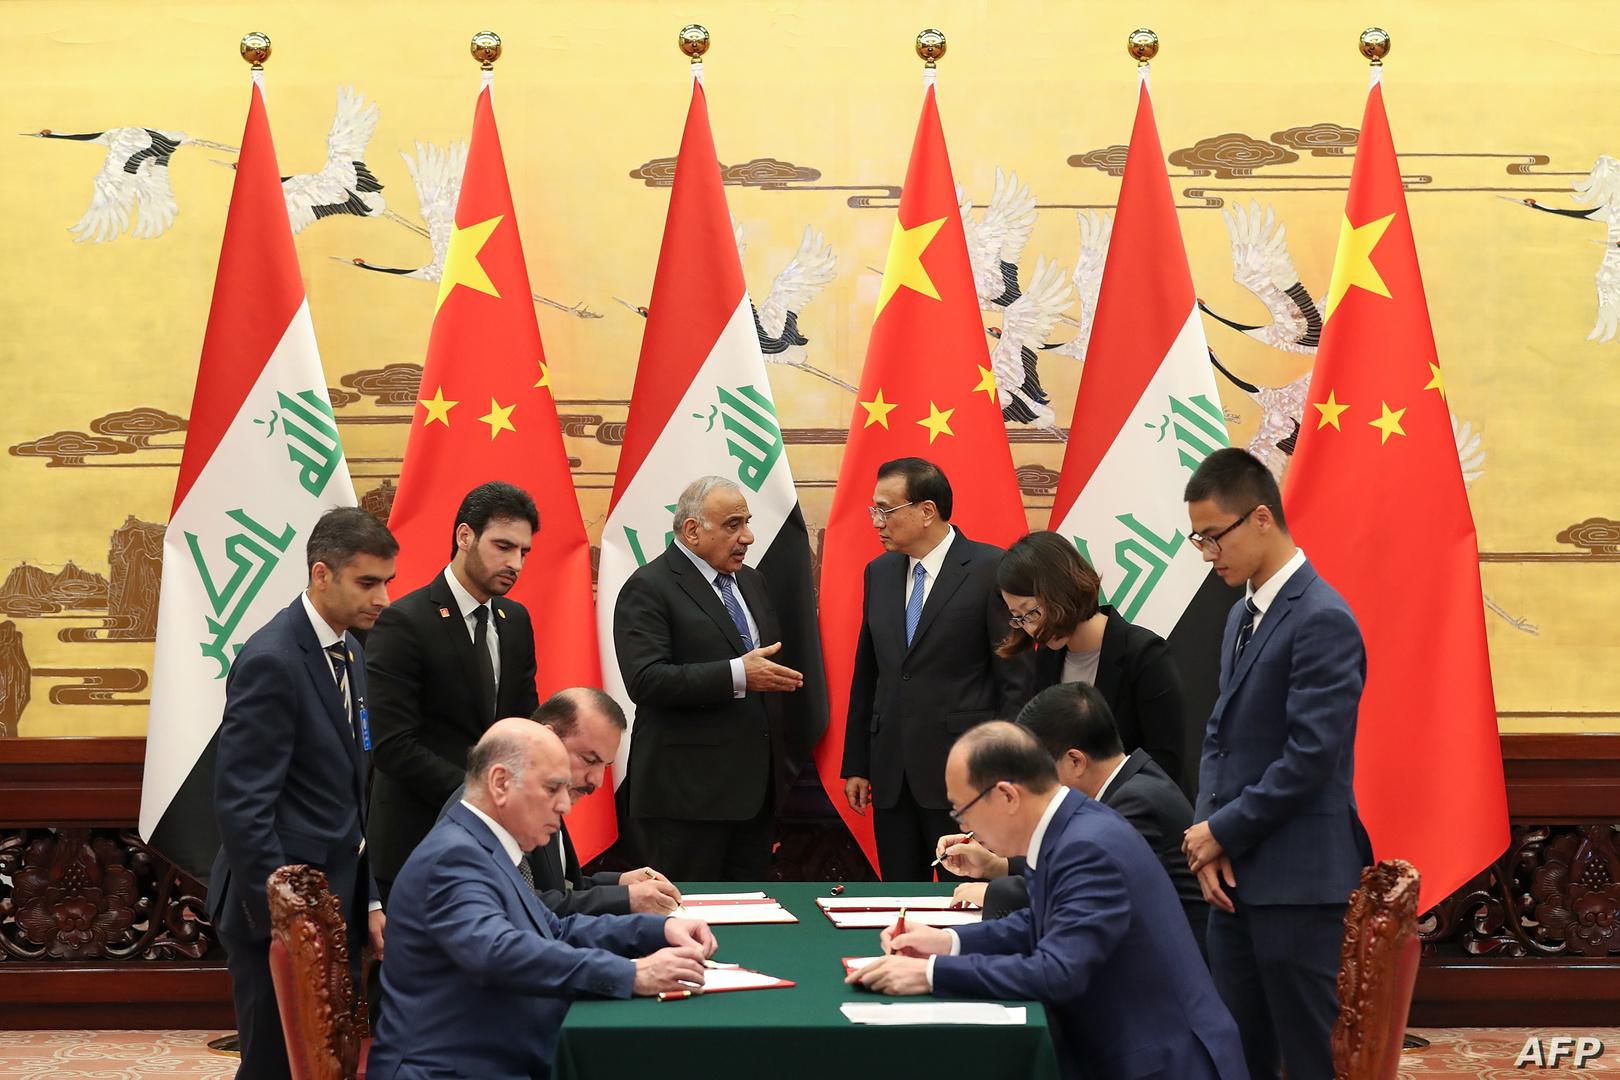 رئيس الحكومة العراقية السابق عادل عبد المهدي في الصين لتوقيع الاتفاقية